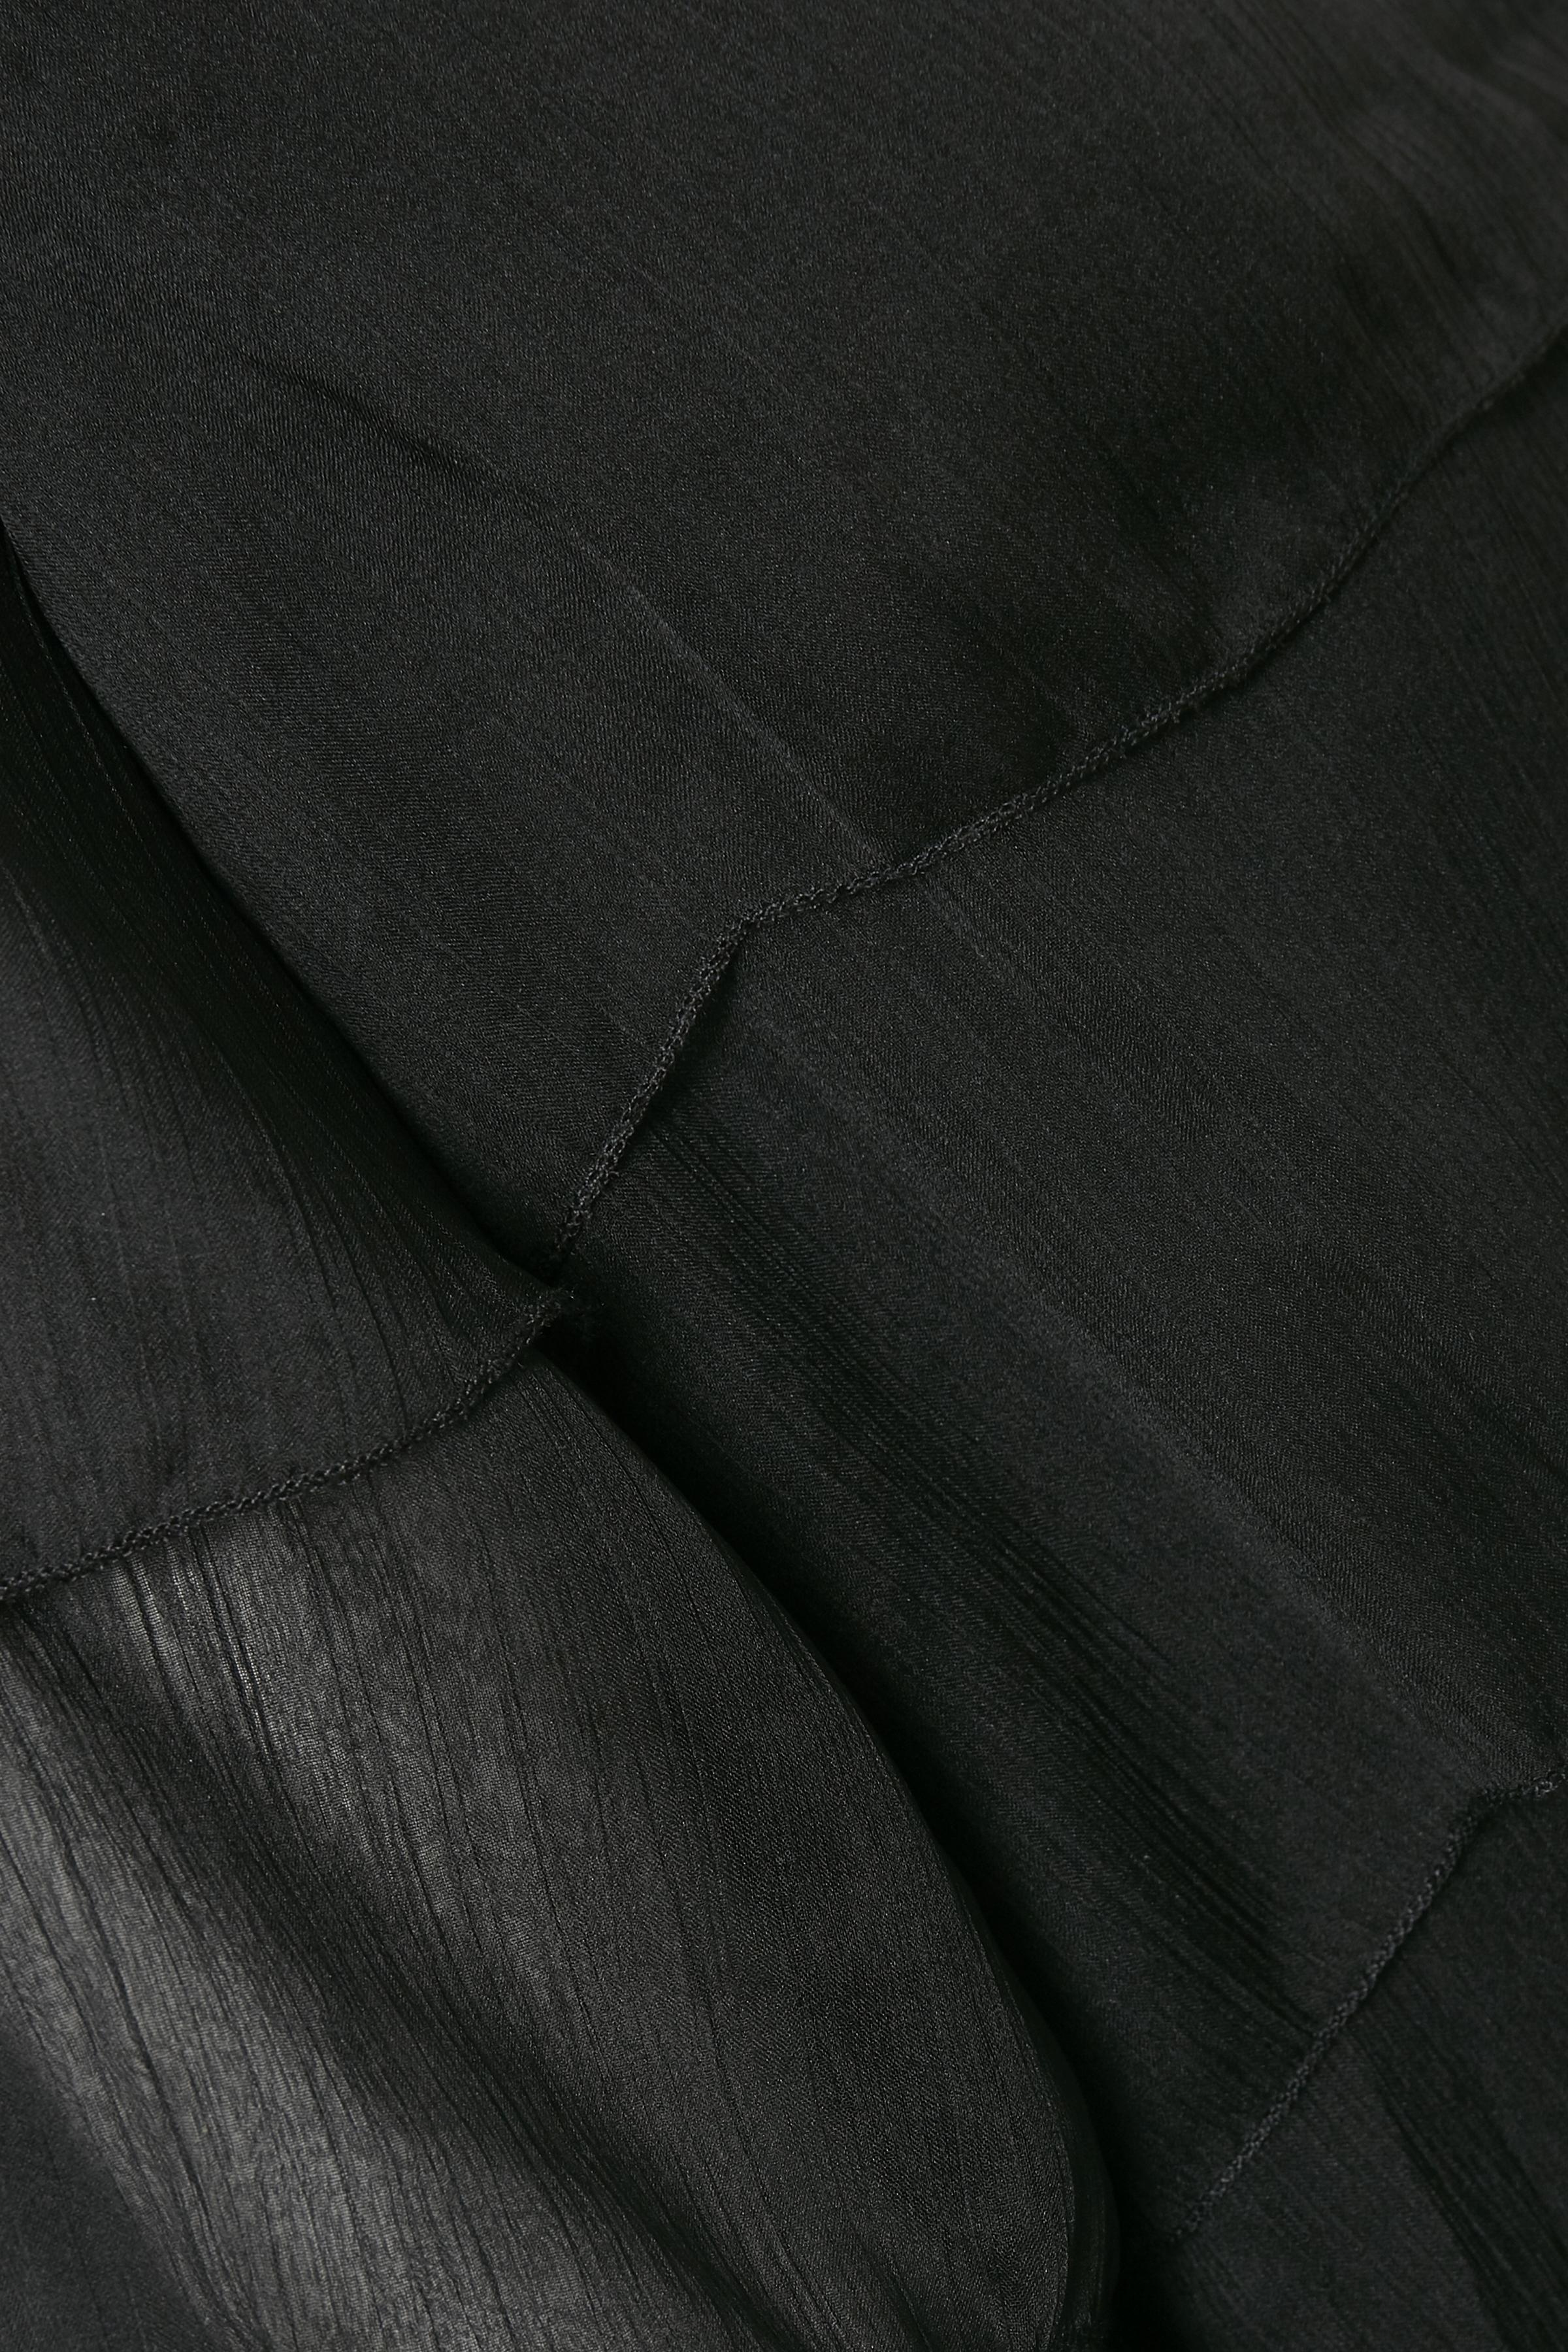 Schwarz Tunika von Kaffe – Shoppen Sie Schwarz Tunika ab Gr. 34-46 hier